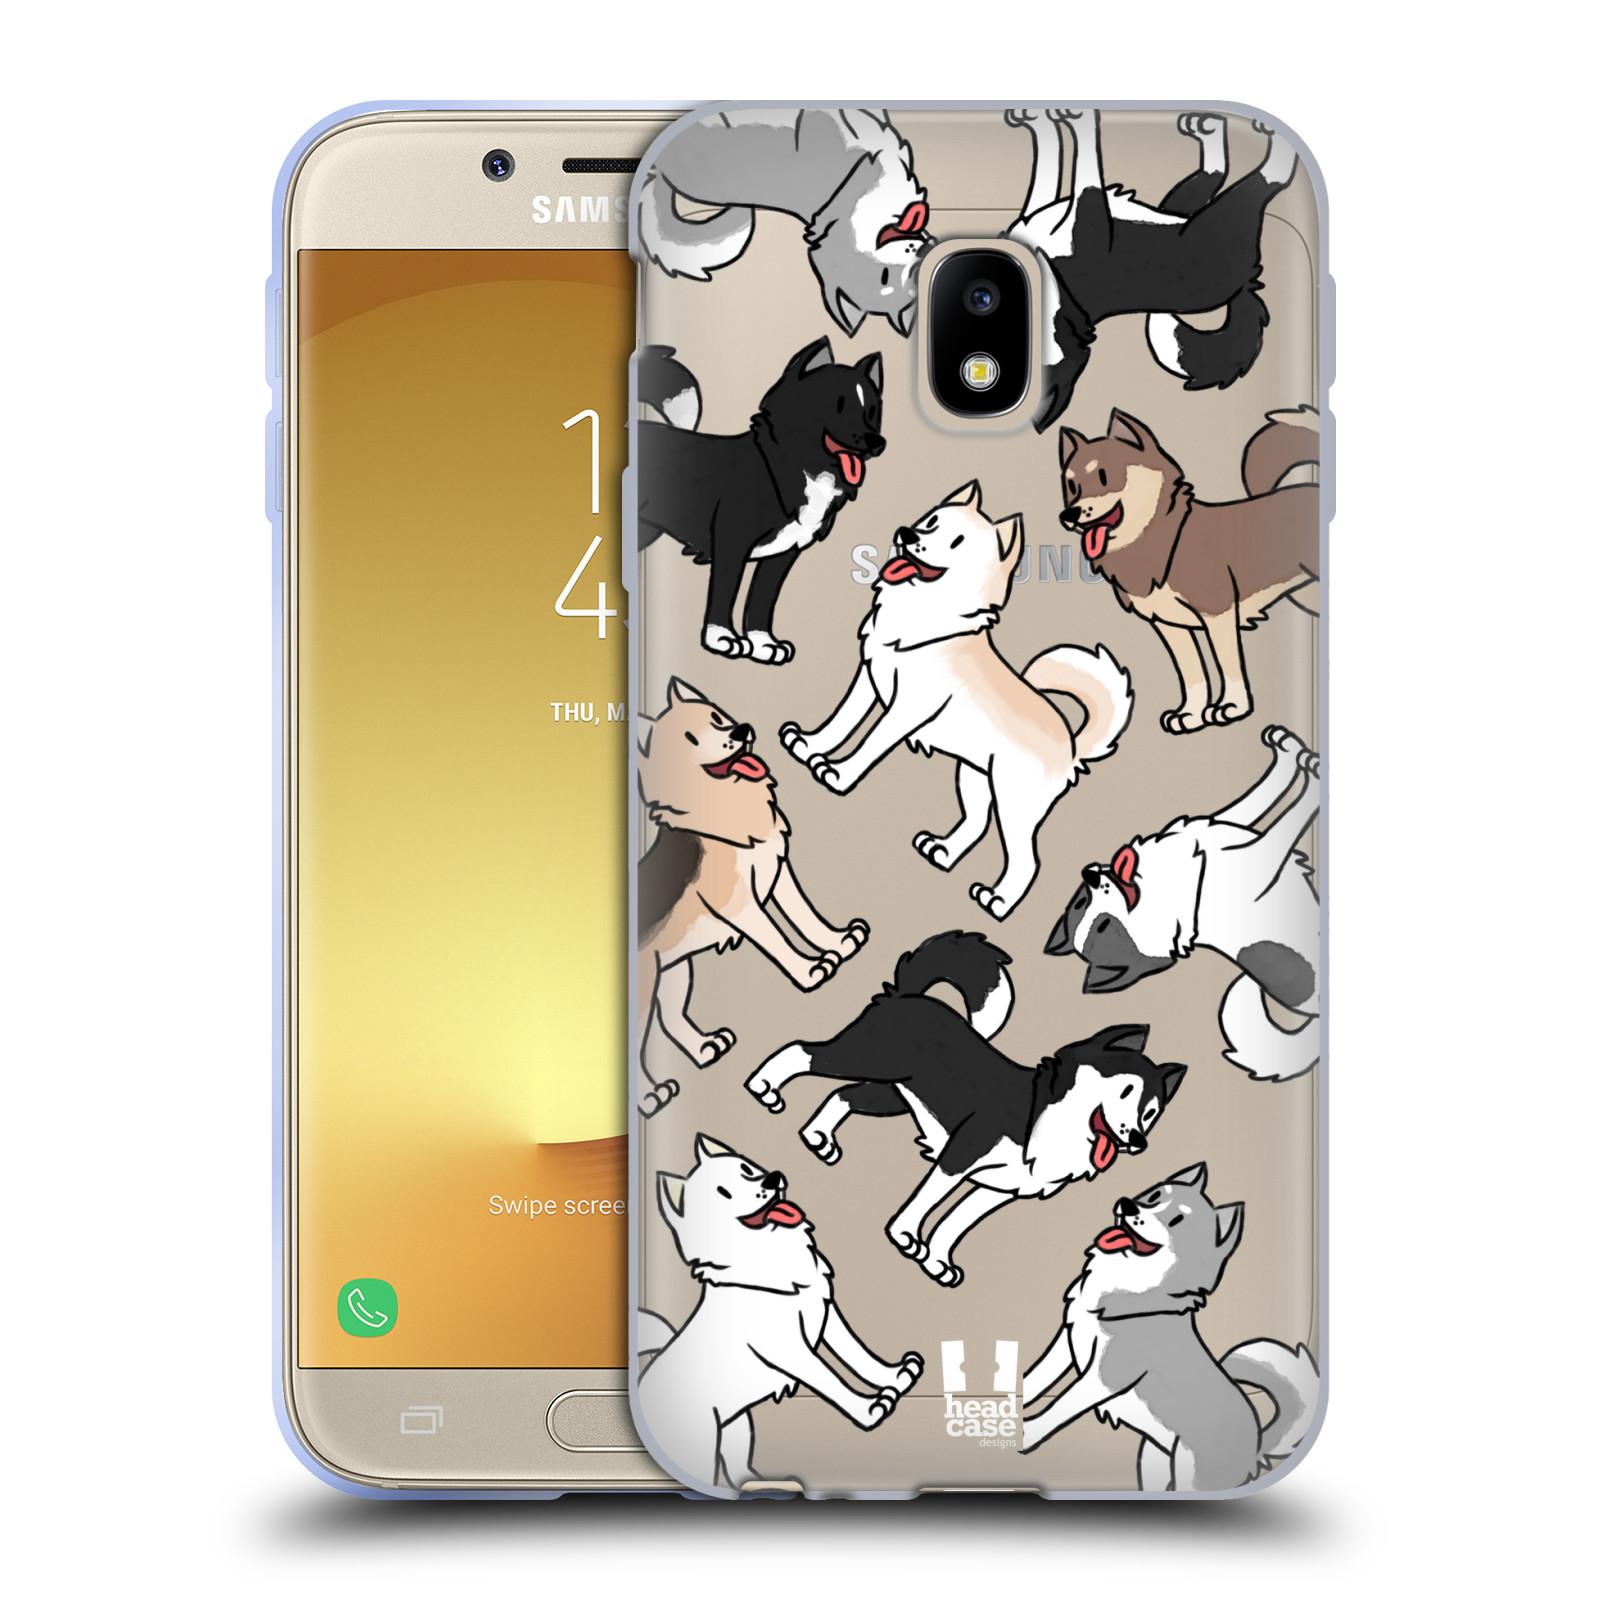 HEAD CASE silikonový obal na mobil Samsung Galaxy J3 2017 (J330, J330F) pejsek Sibiřský husky